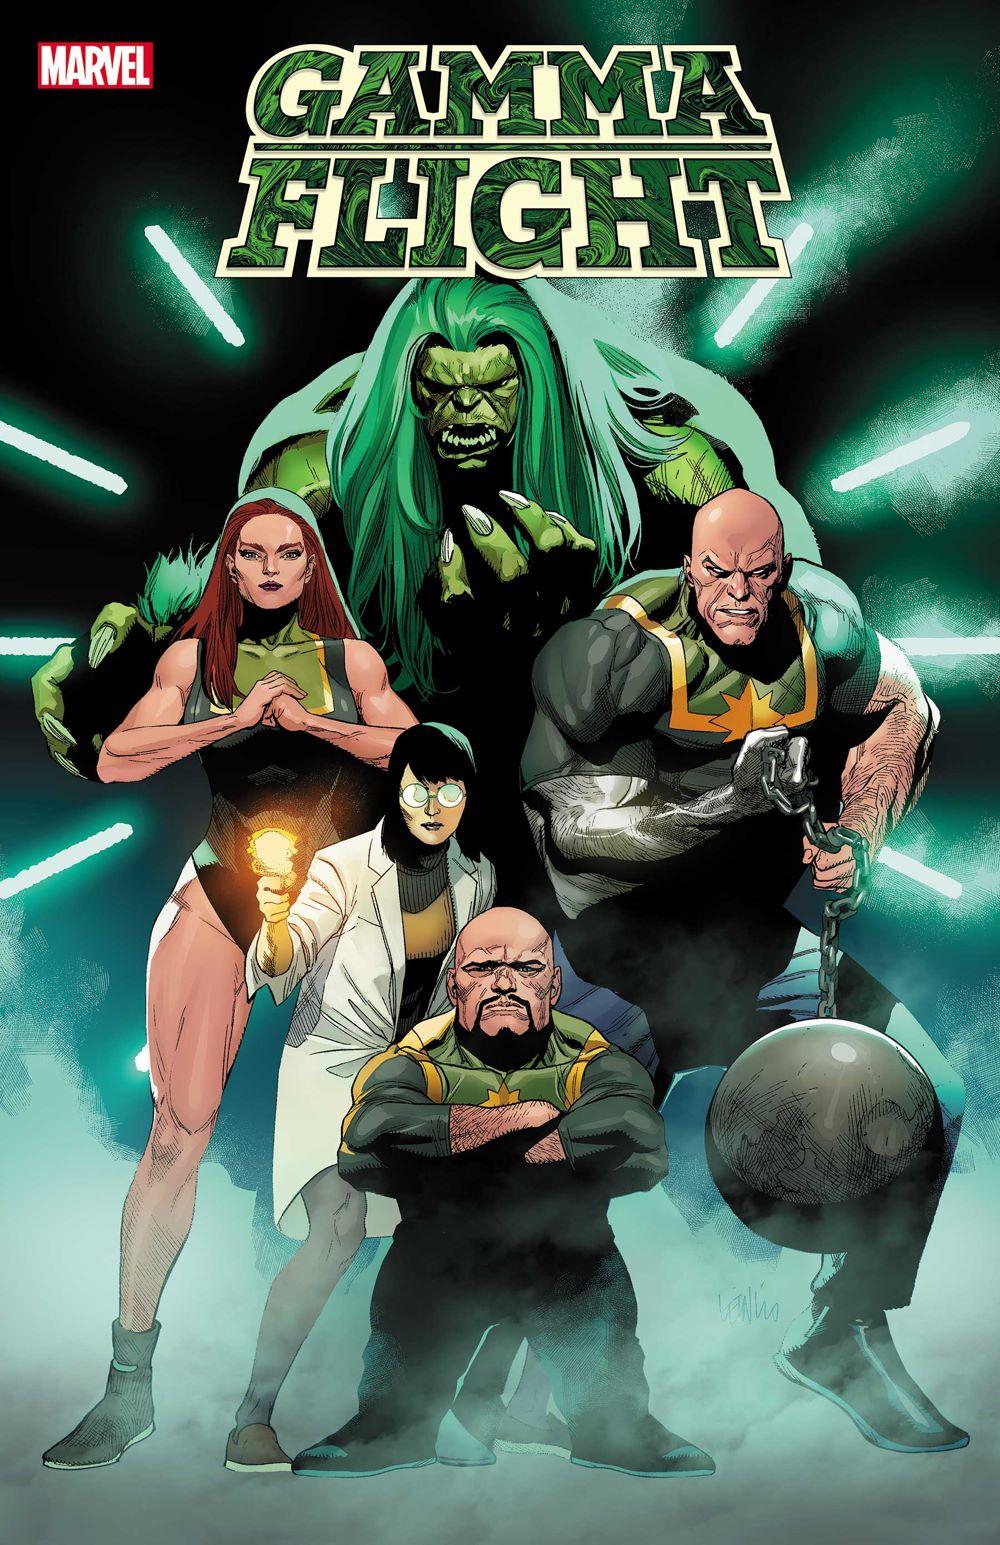 GAMMAFLIGHT2021001_cvr-1 Marvel Comics June 2021 Solicitations